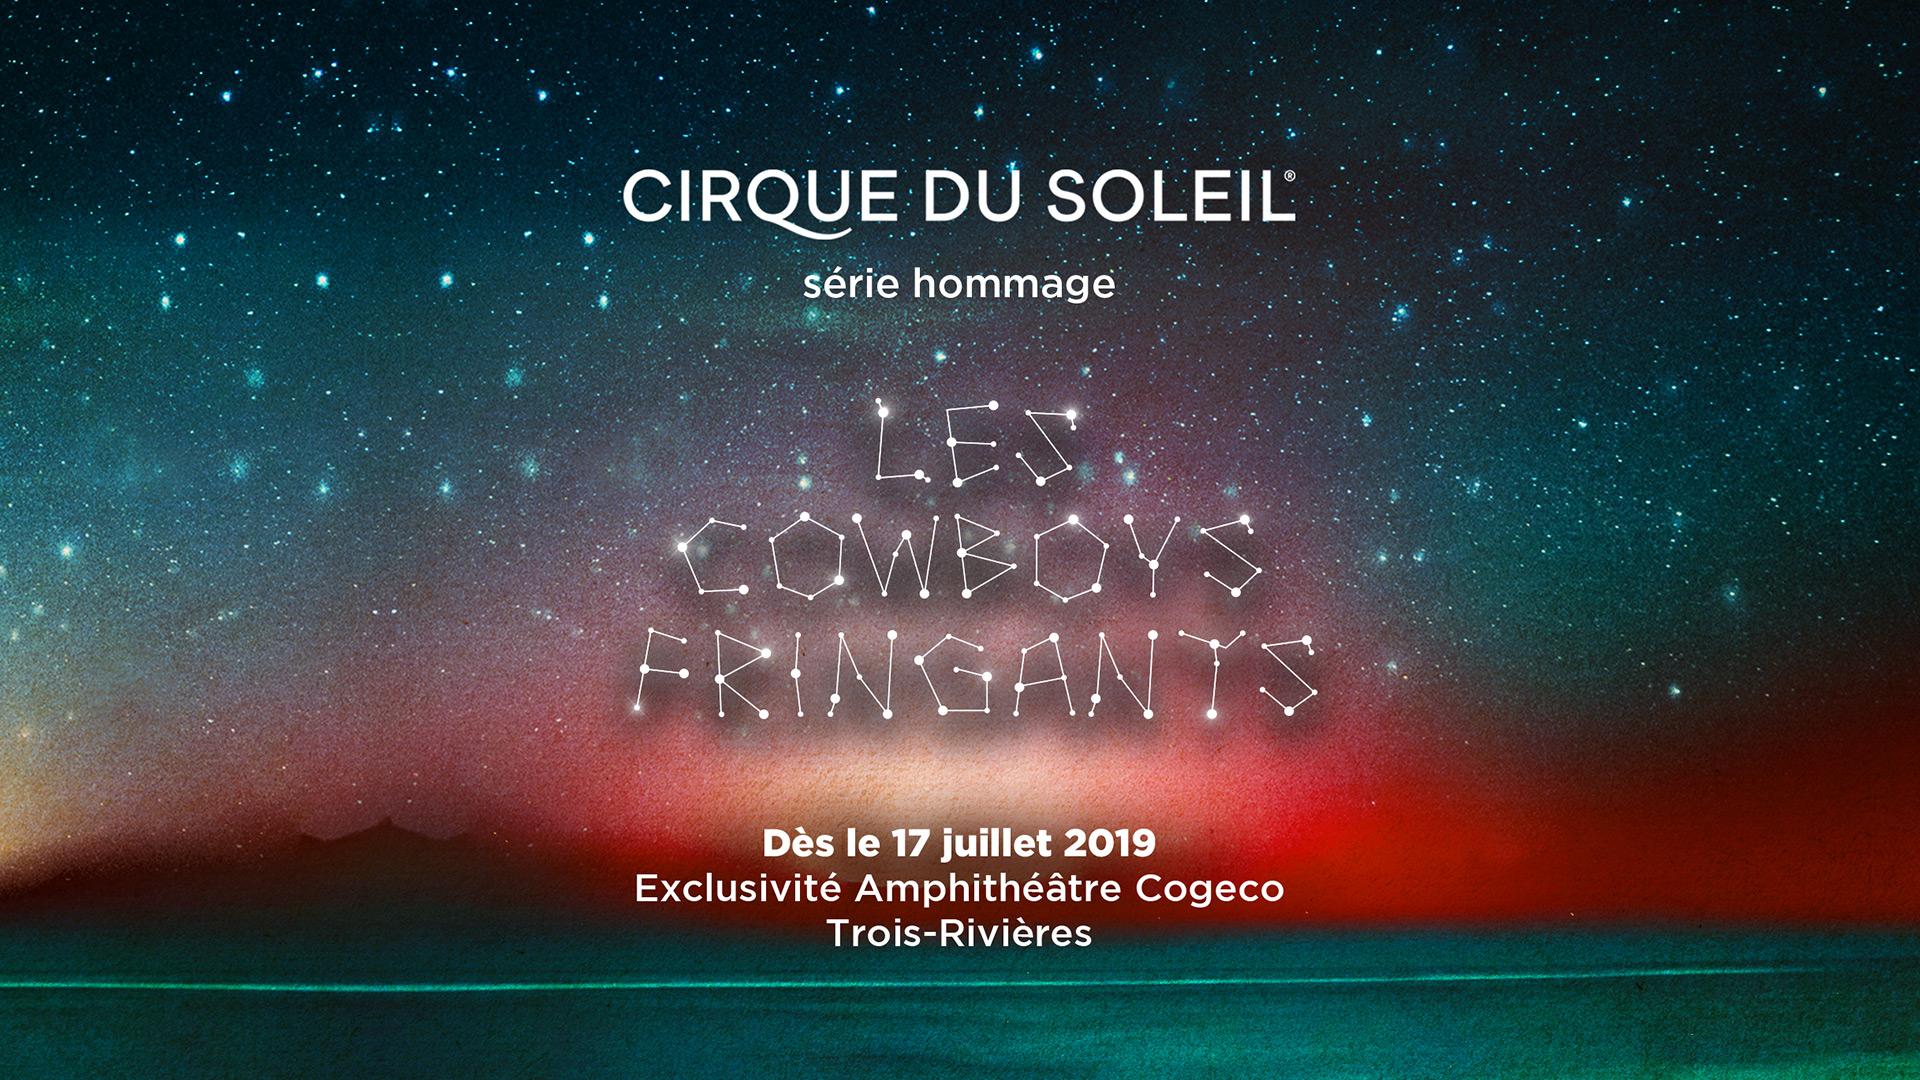 Gagnez la première paire de billets pour le Cirque du Soleil Hommage aux Cowboys Fringants